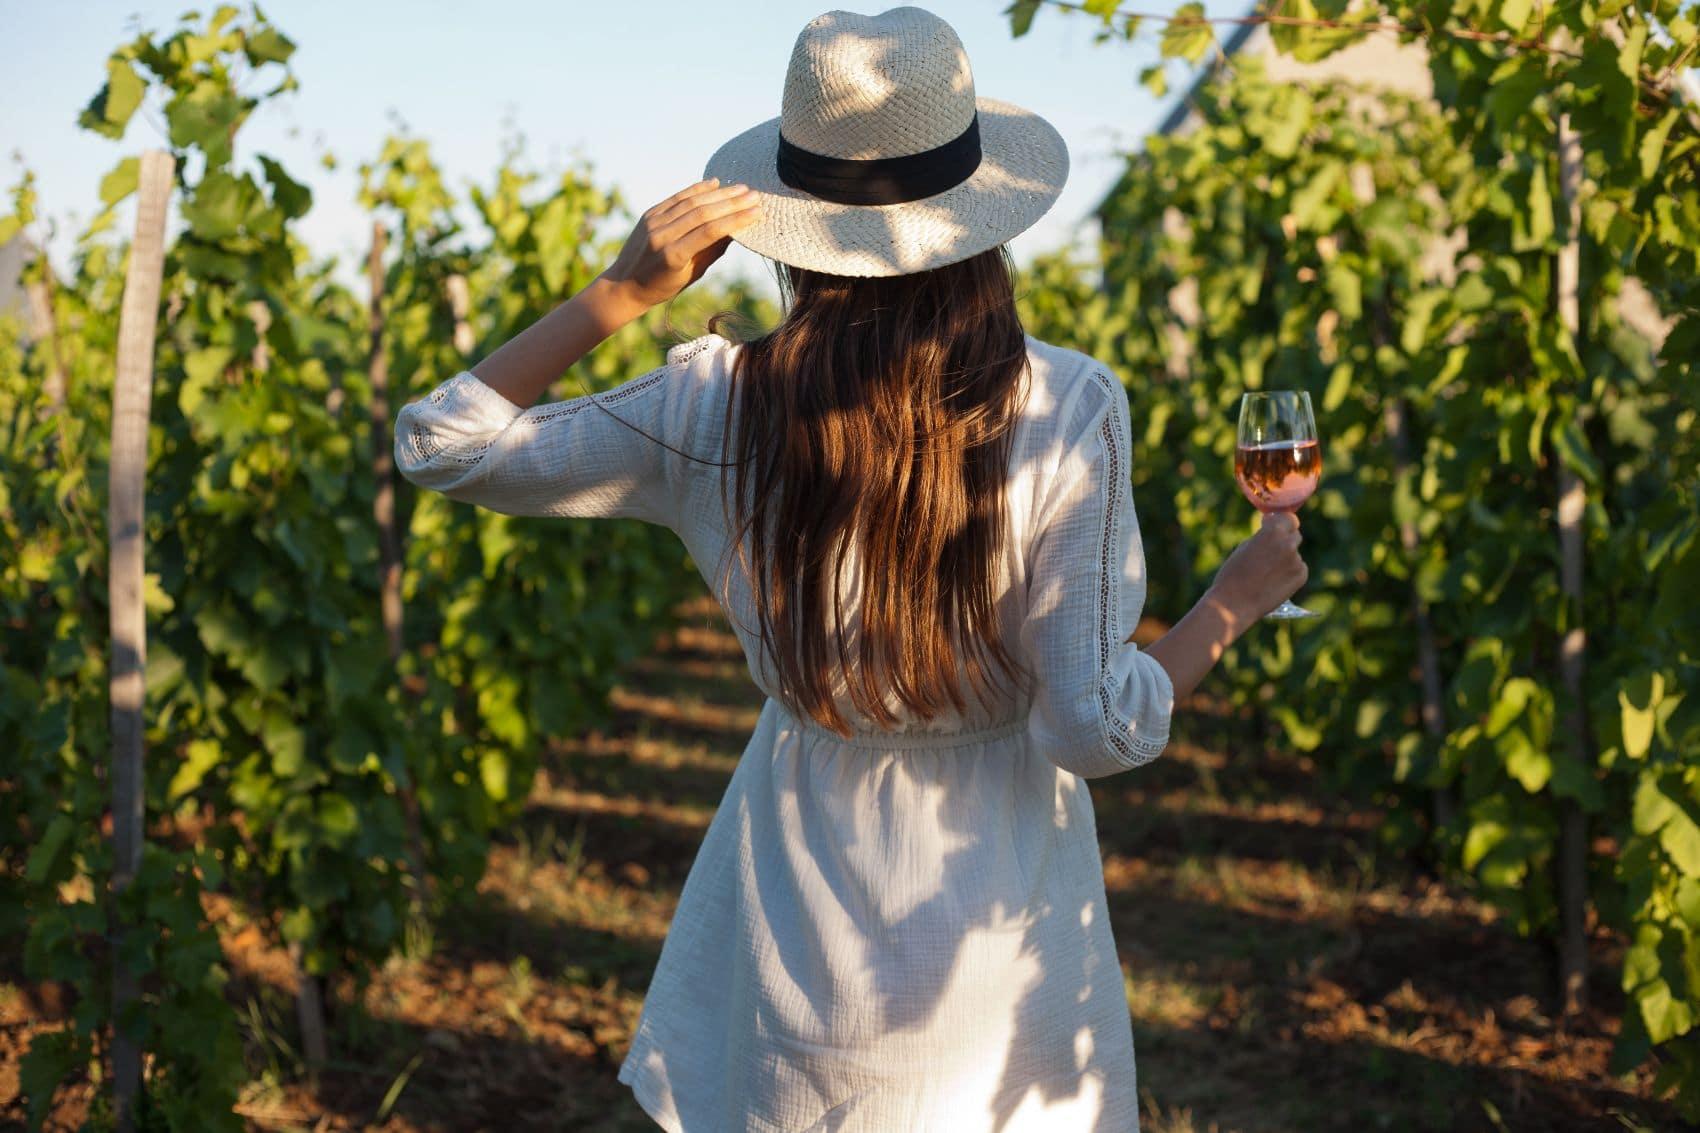 Girl at Winery